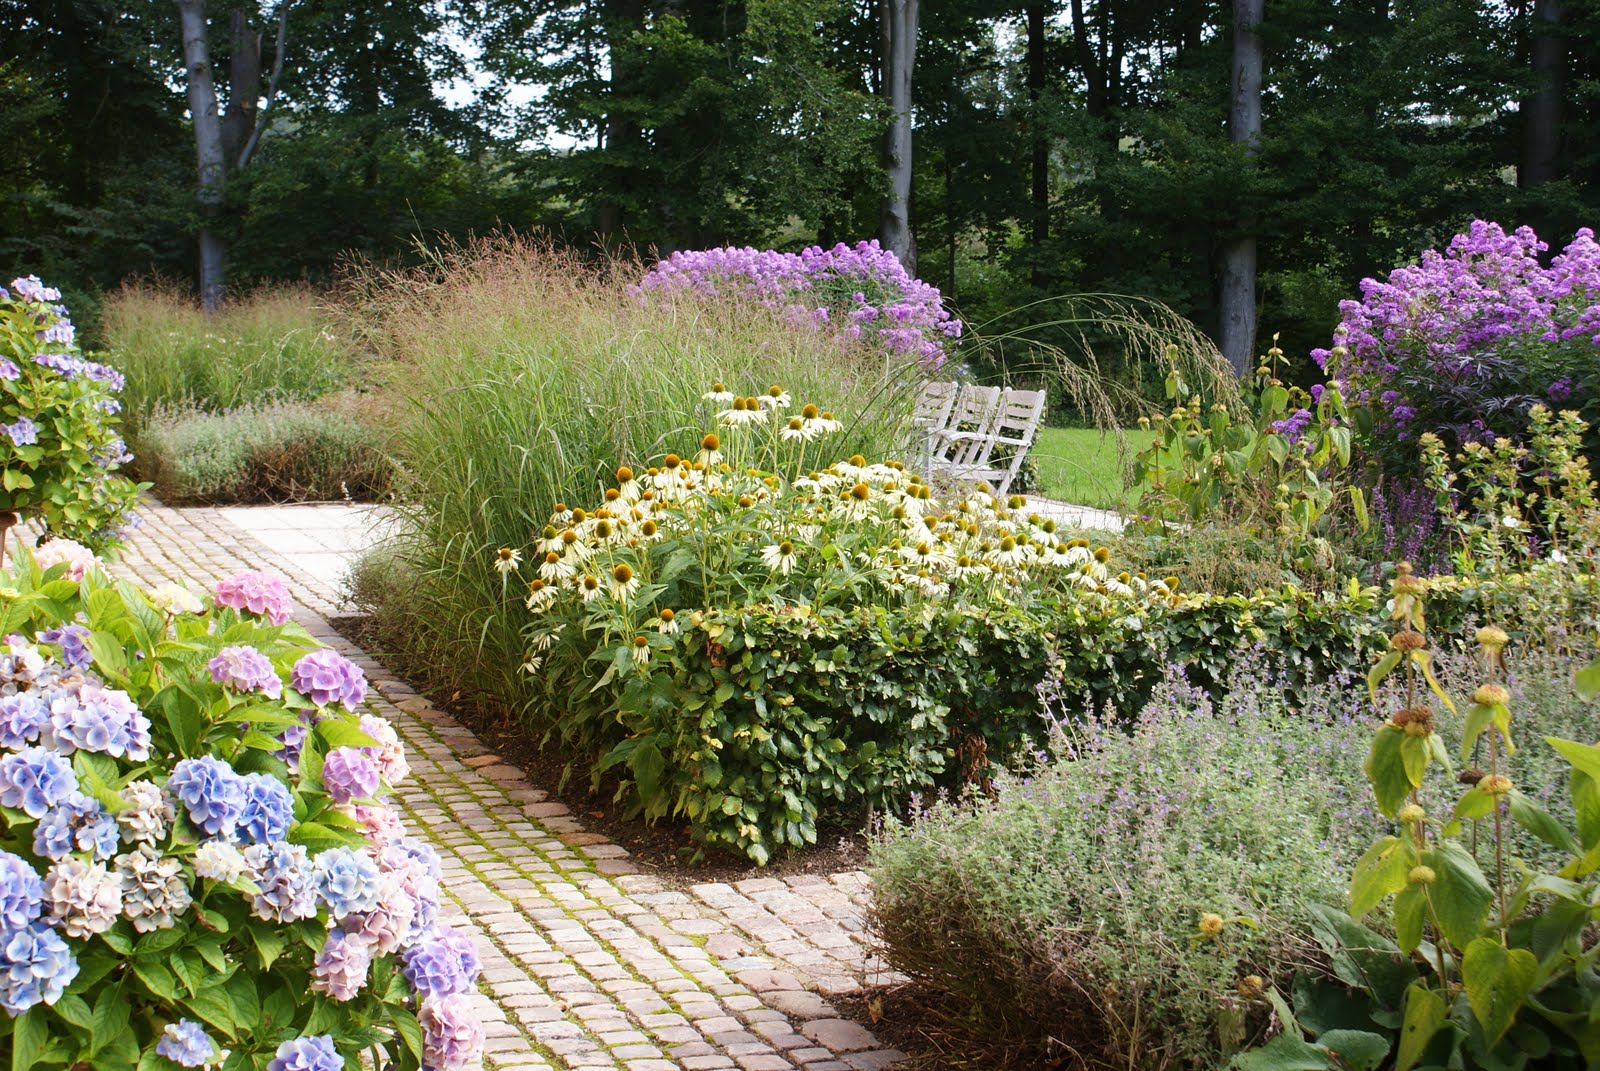 KJELD SLOT: Blomster i efteråret